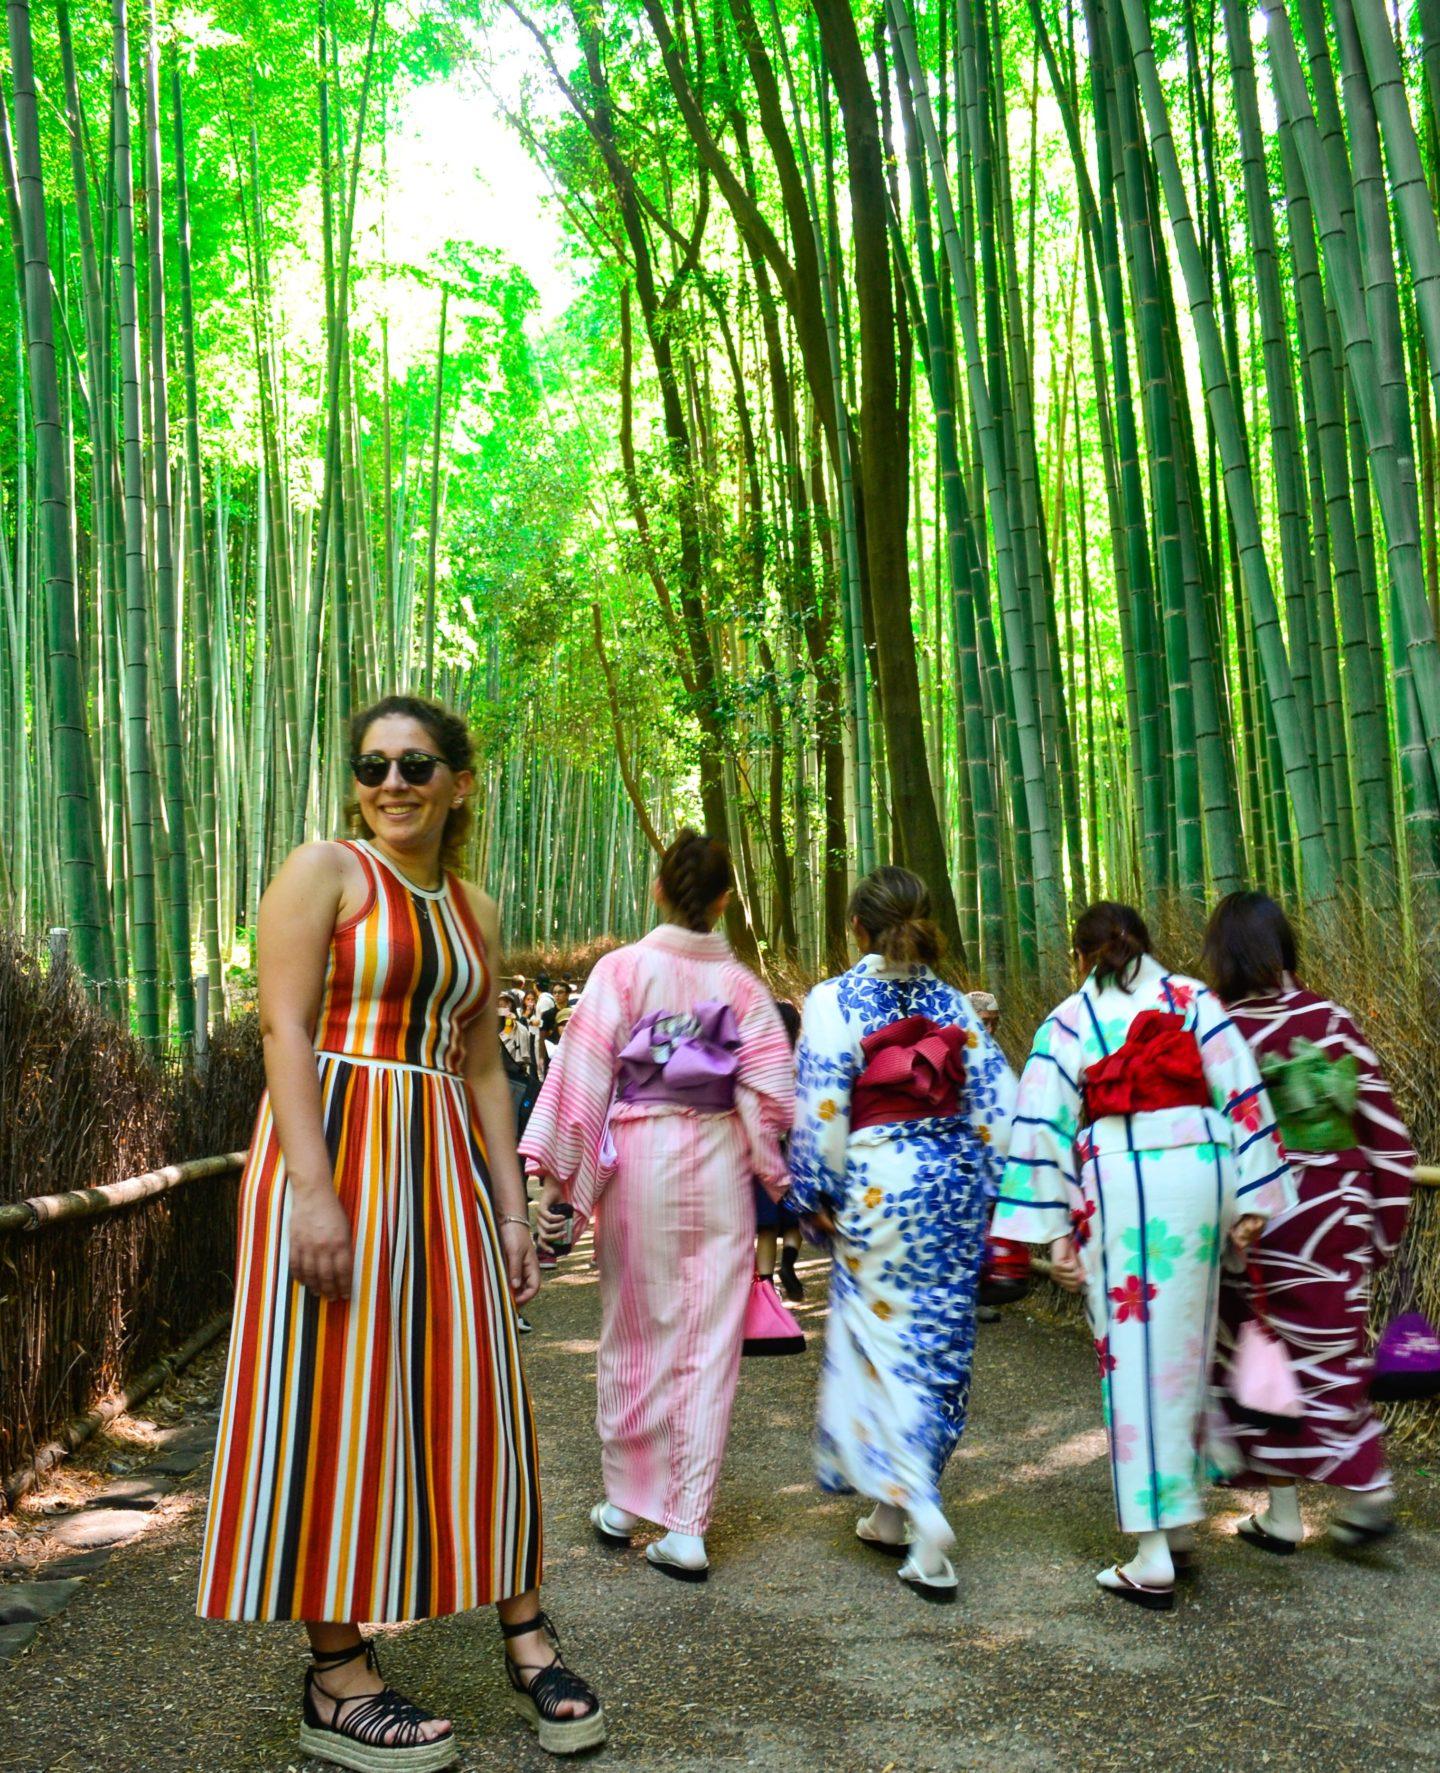 quattro ragazze in foresta di bamboo